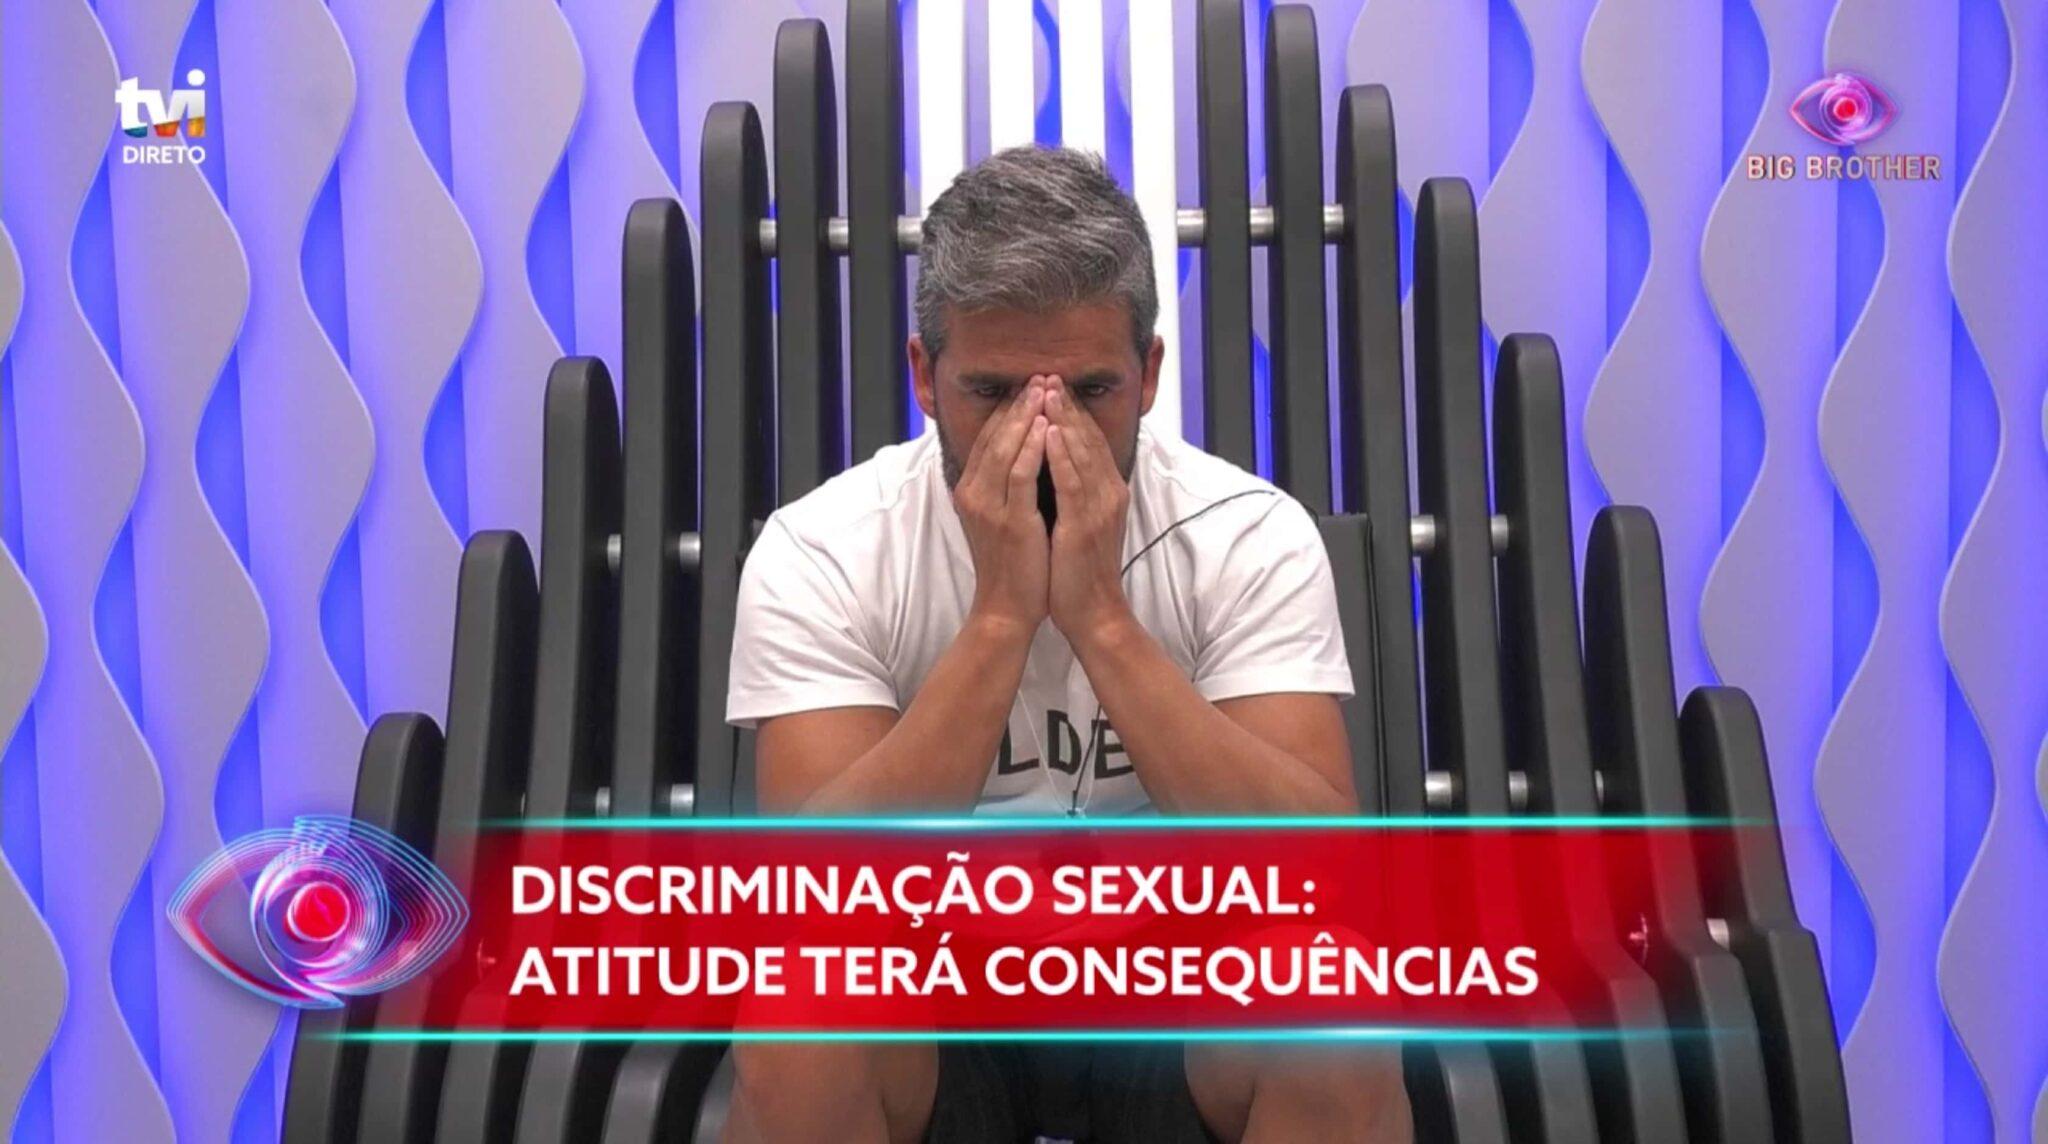 Helder Big Brother 2 Scaled Big Brother. Hélder Em Risco De Ser Expulso Devido A Comentário Homofóbico: &Quot;Portugal Acordou Revoltado&Quot;